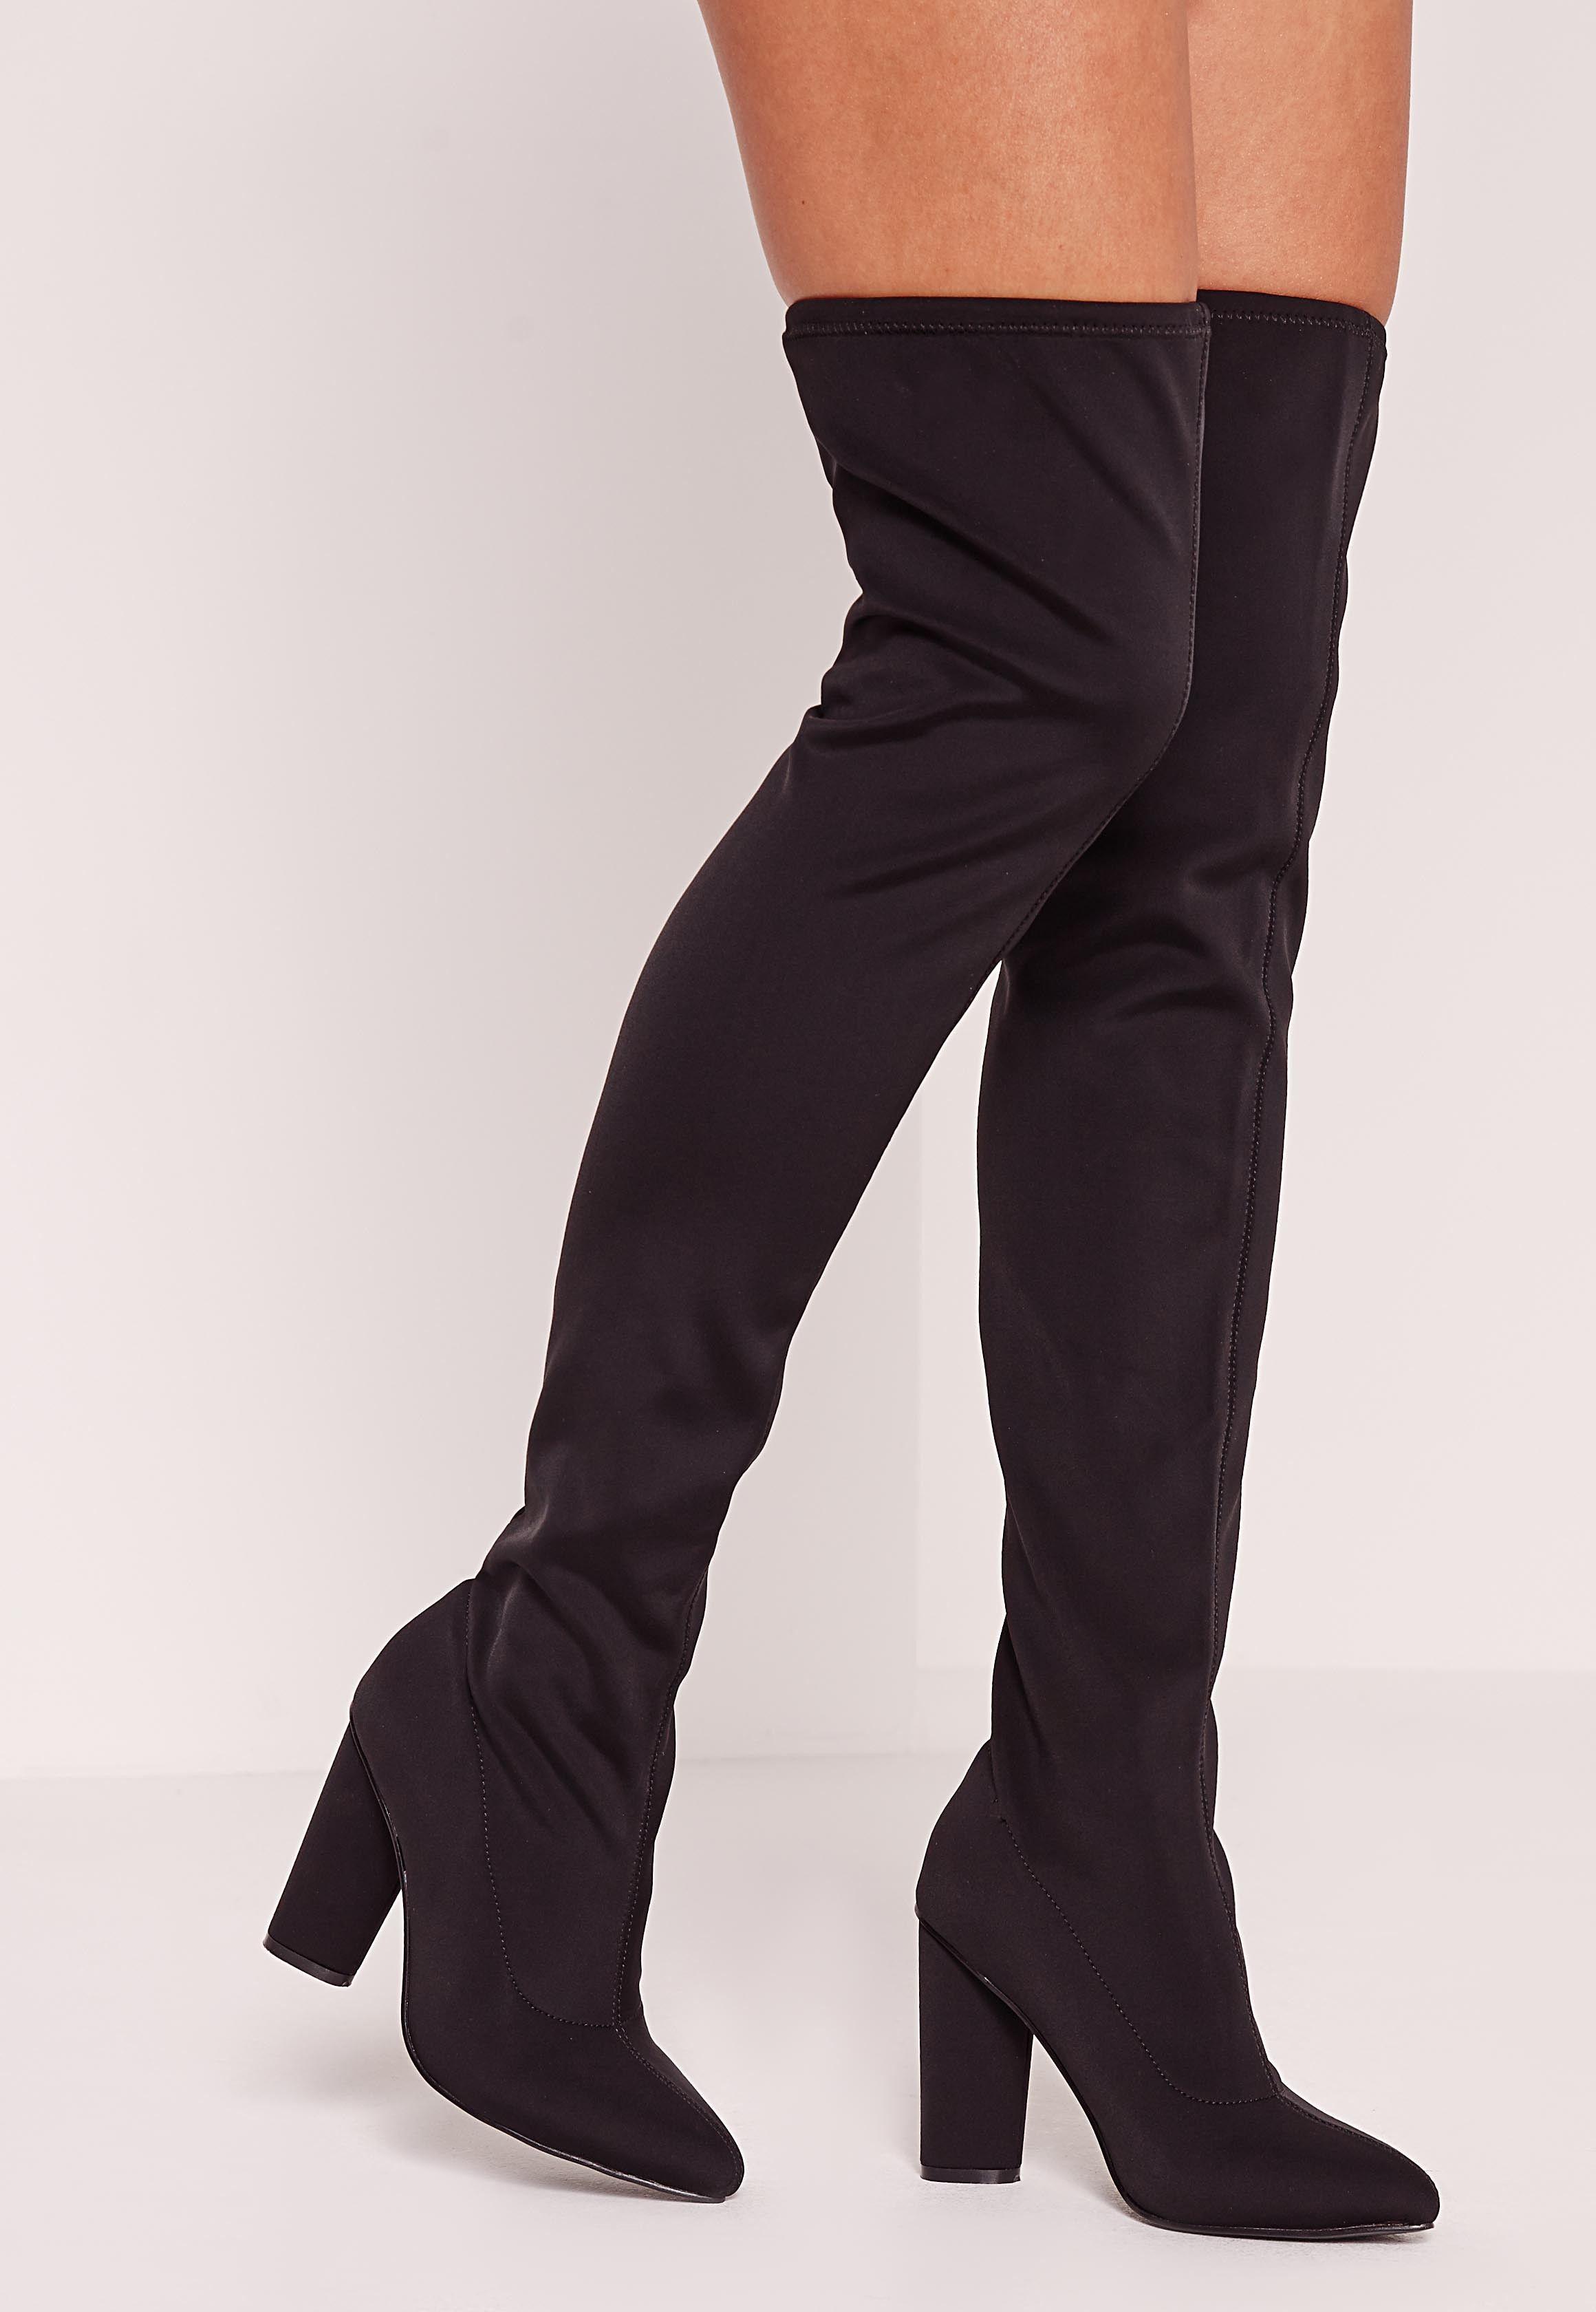 2017 Plus Cuissardes Talon place Bottes Femmes Sexy Ladies Lace Étirements Bottes en tissu Mode Noir Taille,noir,37